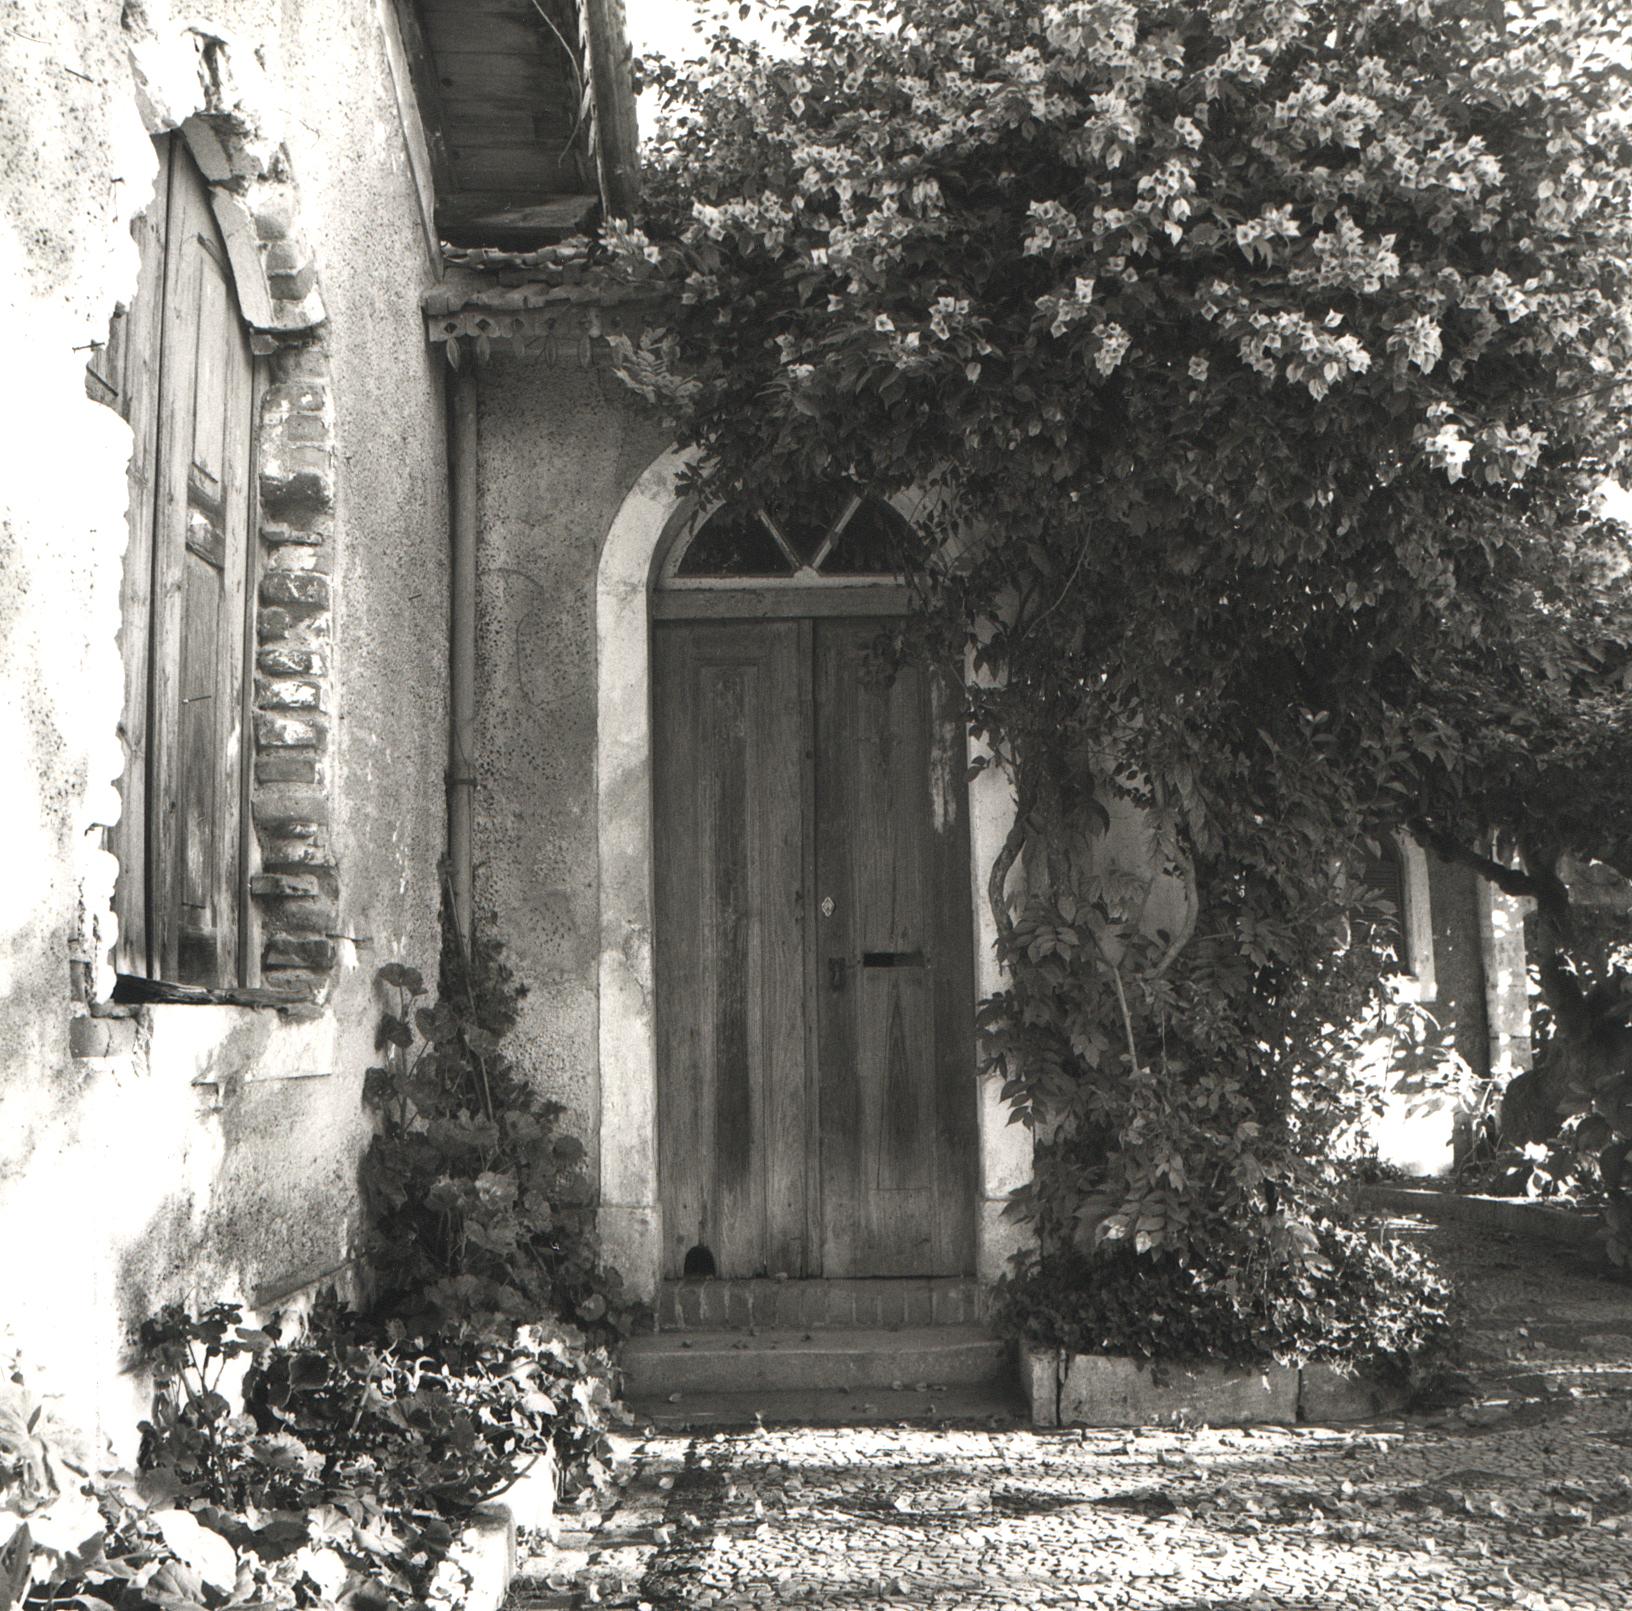 Abrantes Door, Portugal